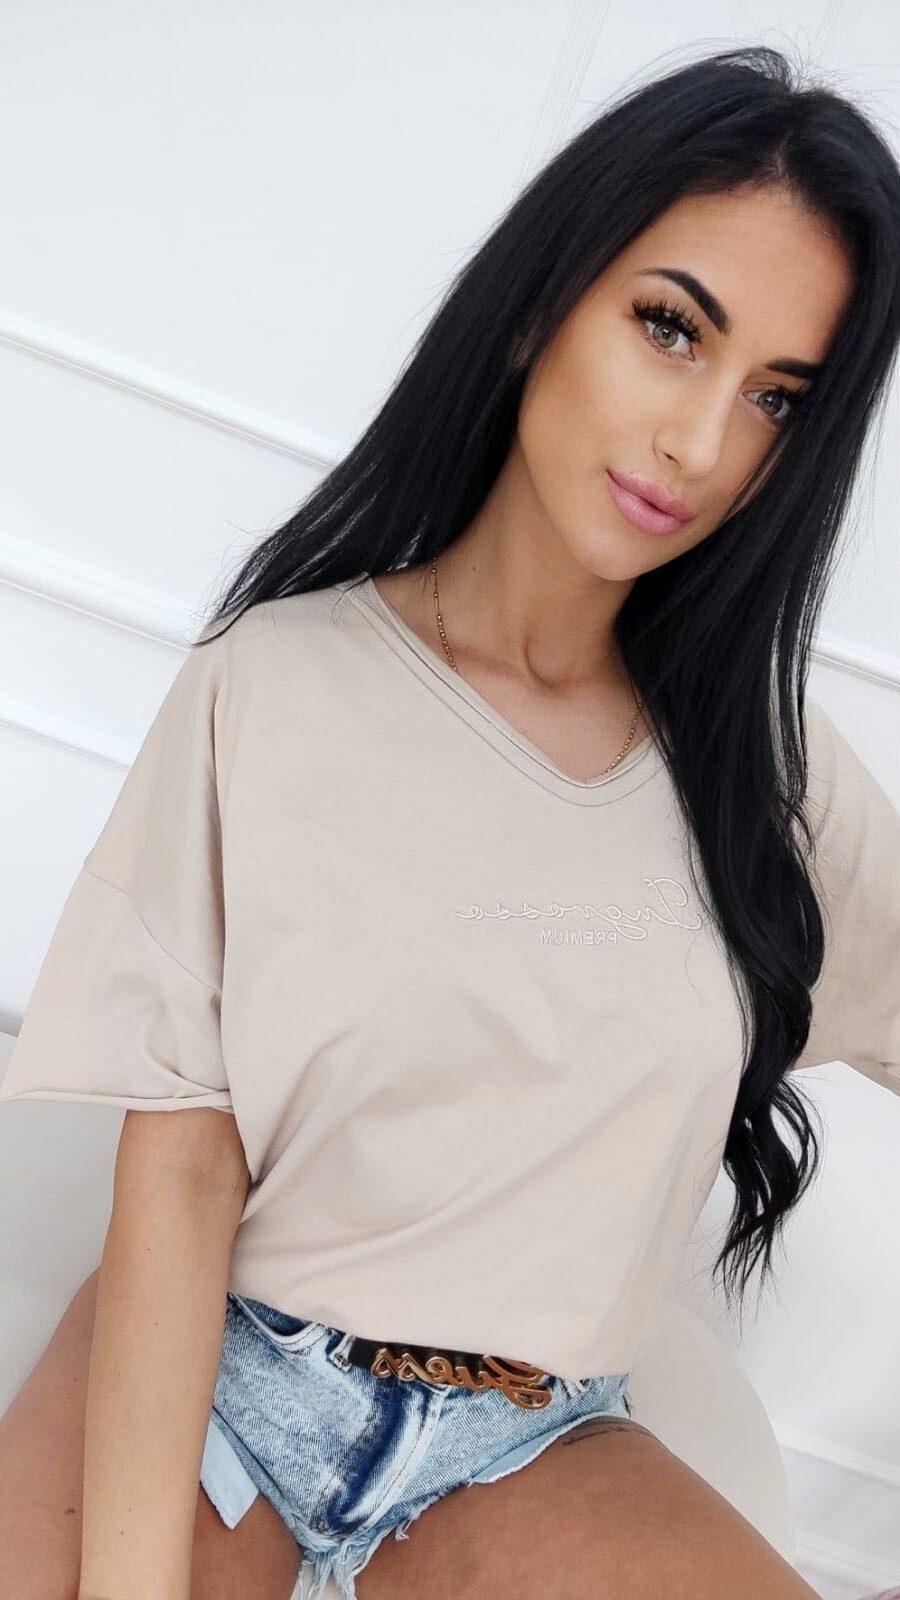 koszulka t-shirt duze rozmiary haft ingrosso jasny bez